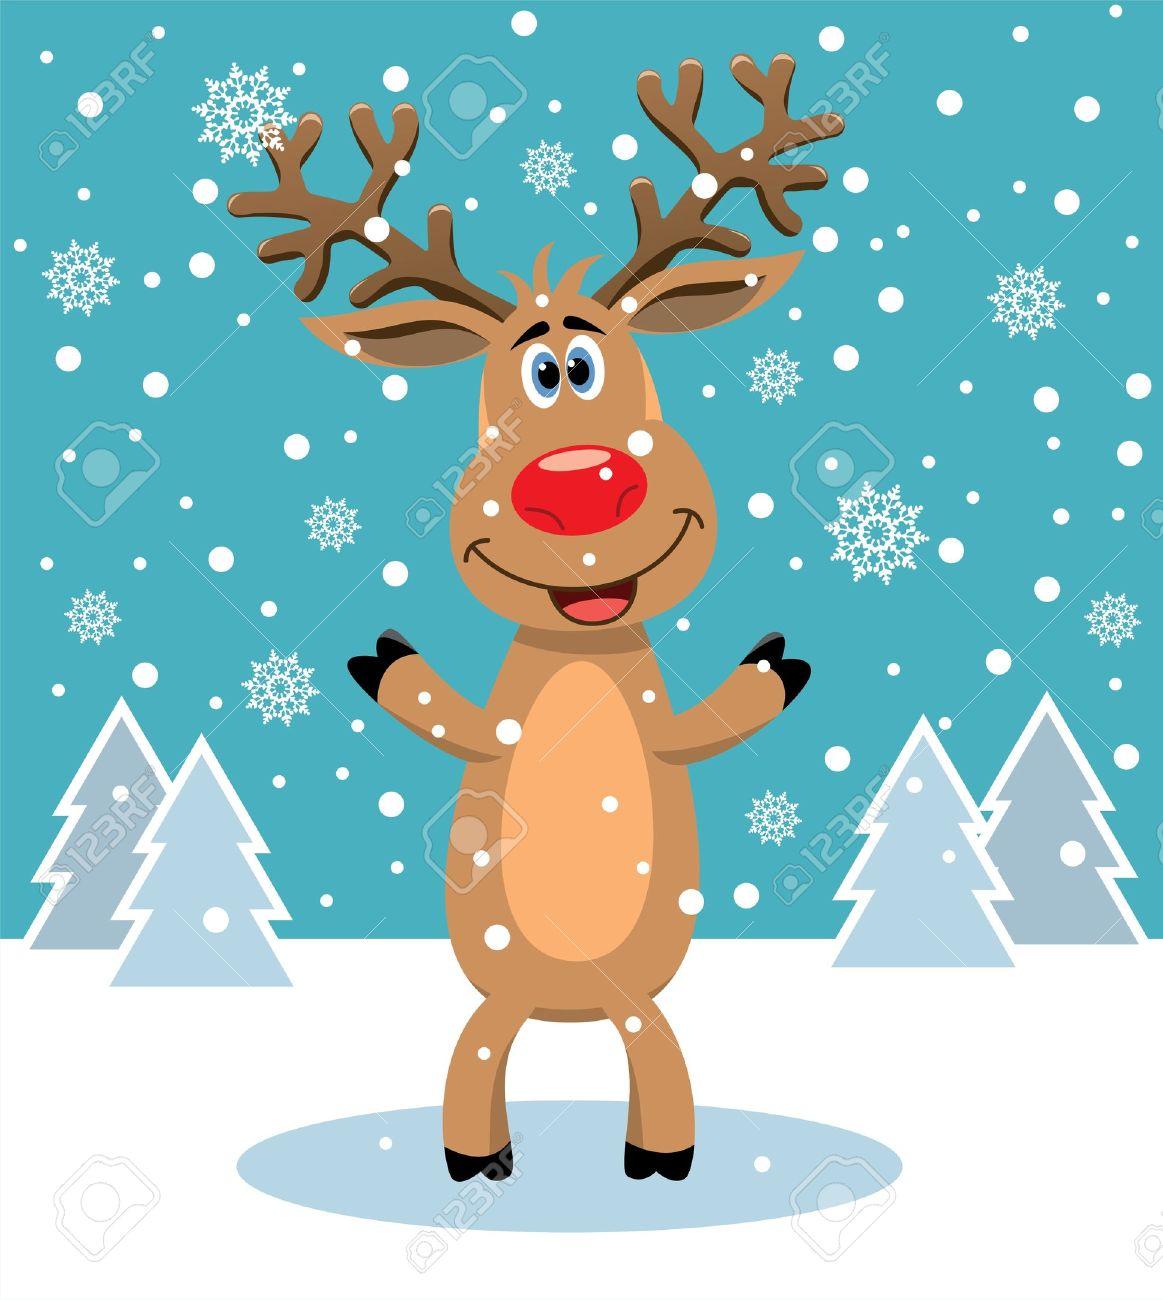 赤鼻のトナカイのクリスマス イラストをベクトルしますのイラスト素材